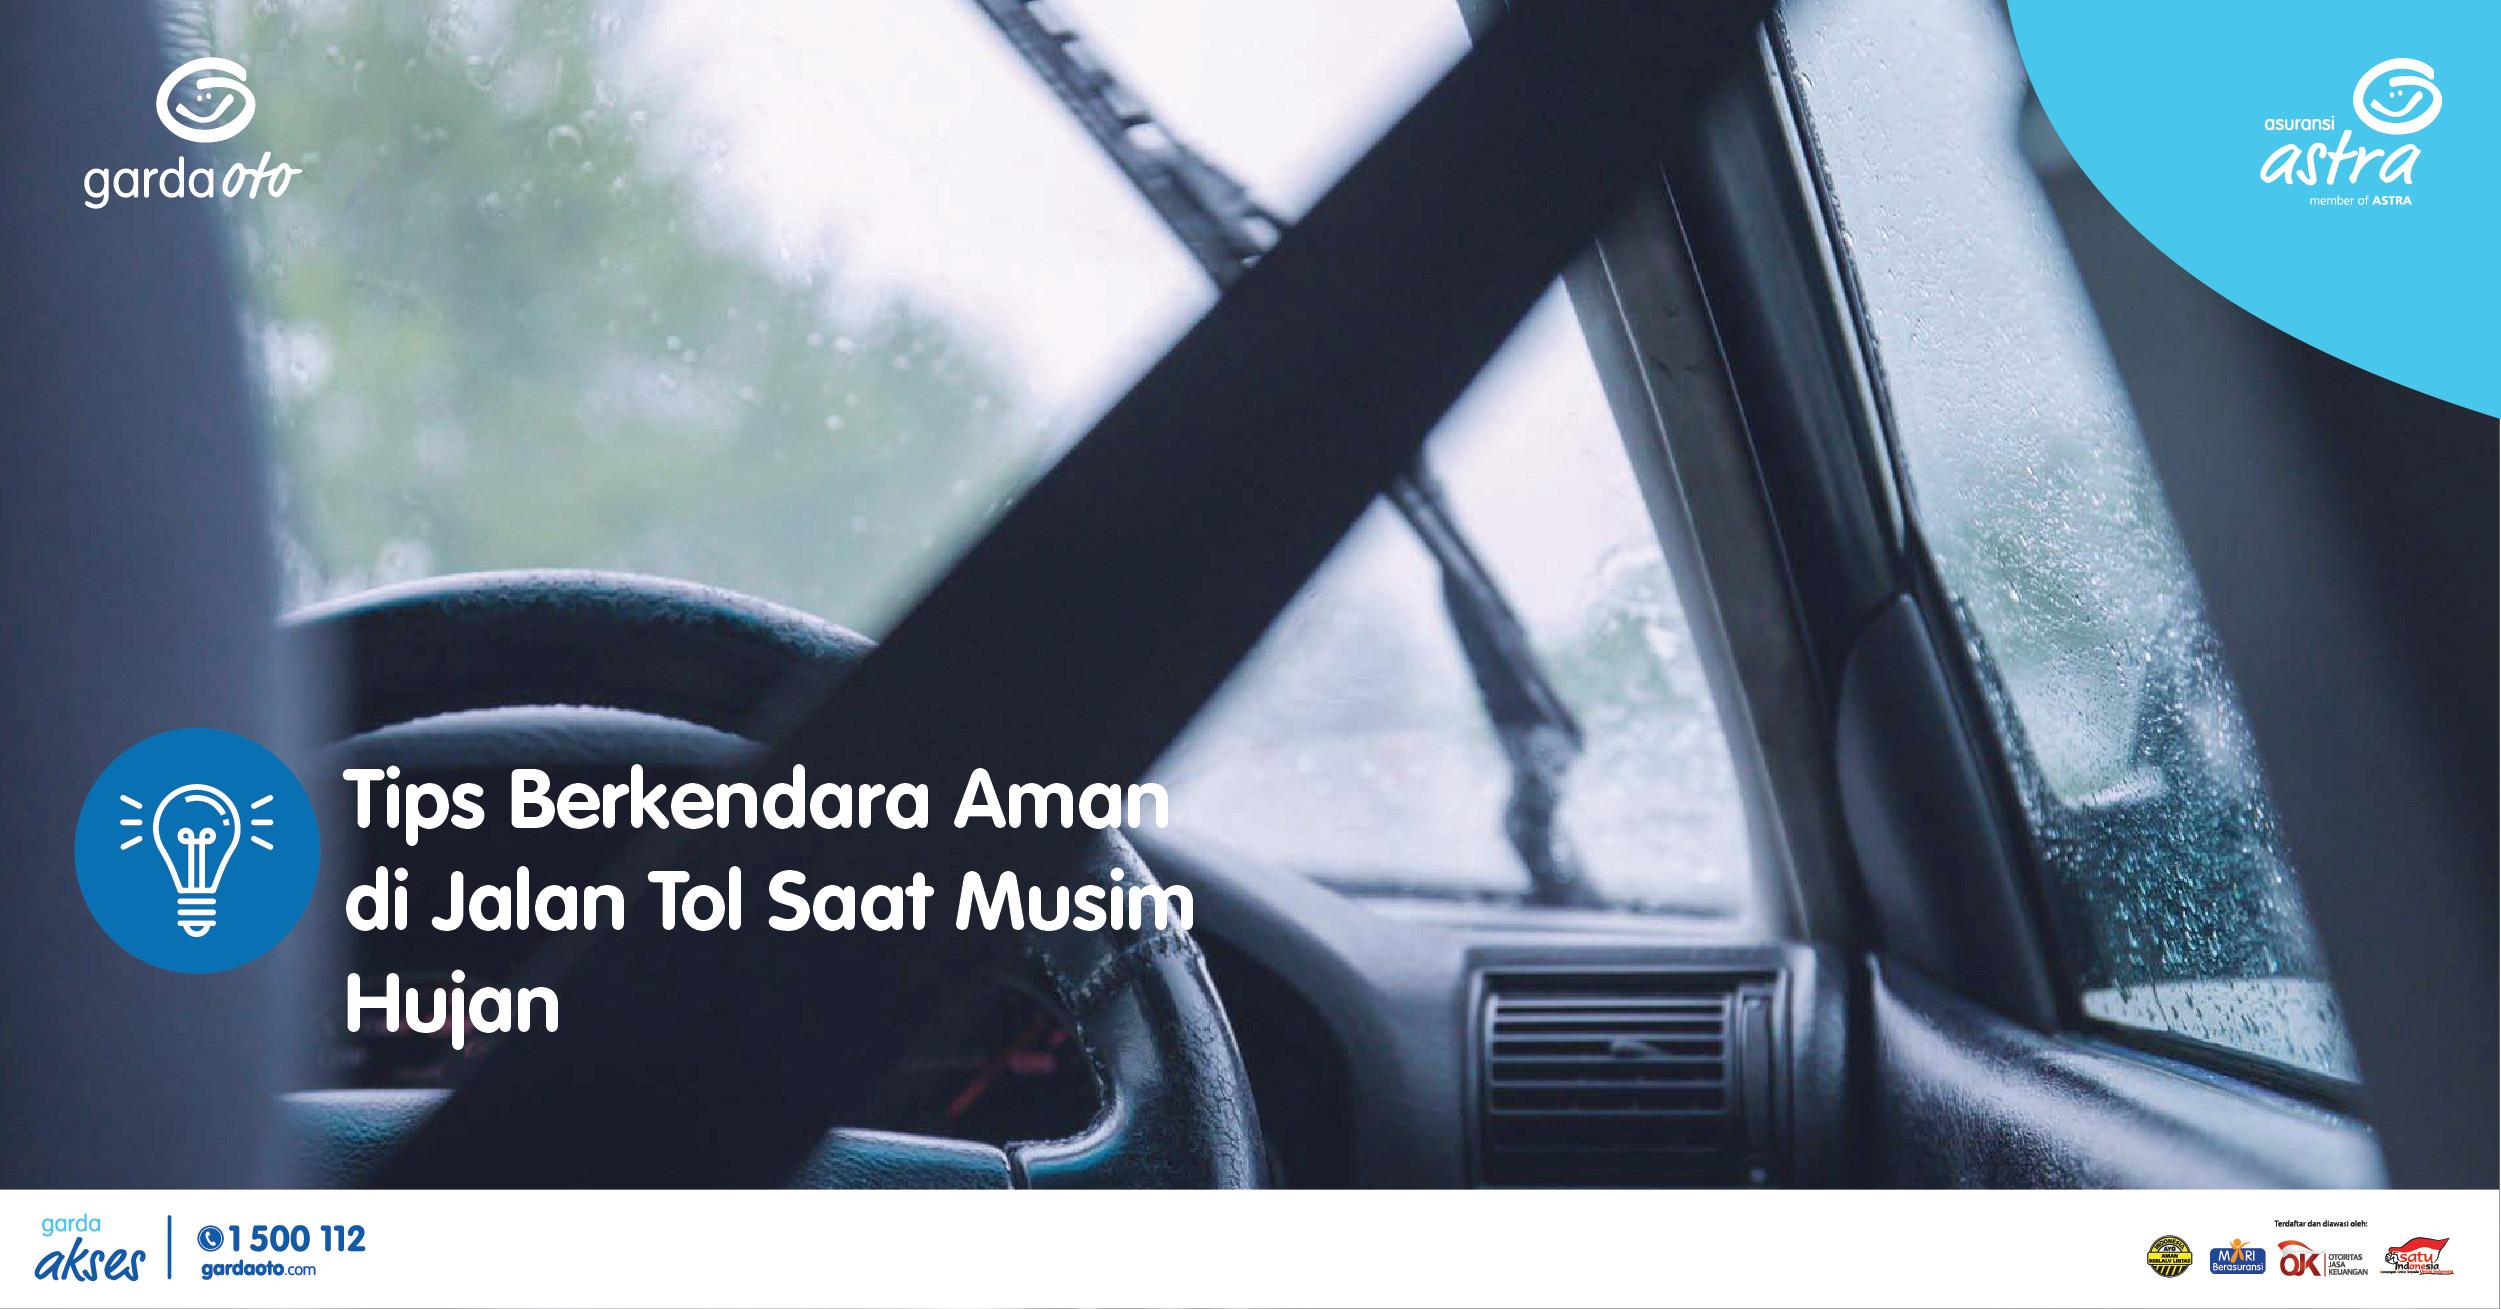 Tips Berkendara Aman di Jalan Tol Saat Musim Hujan